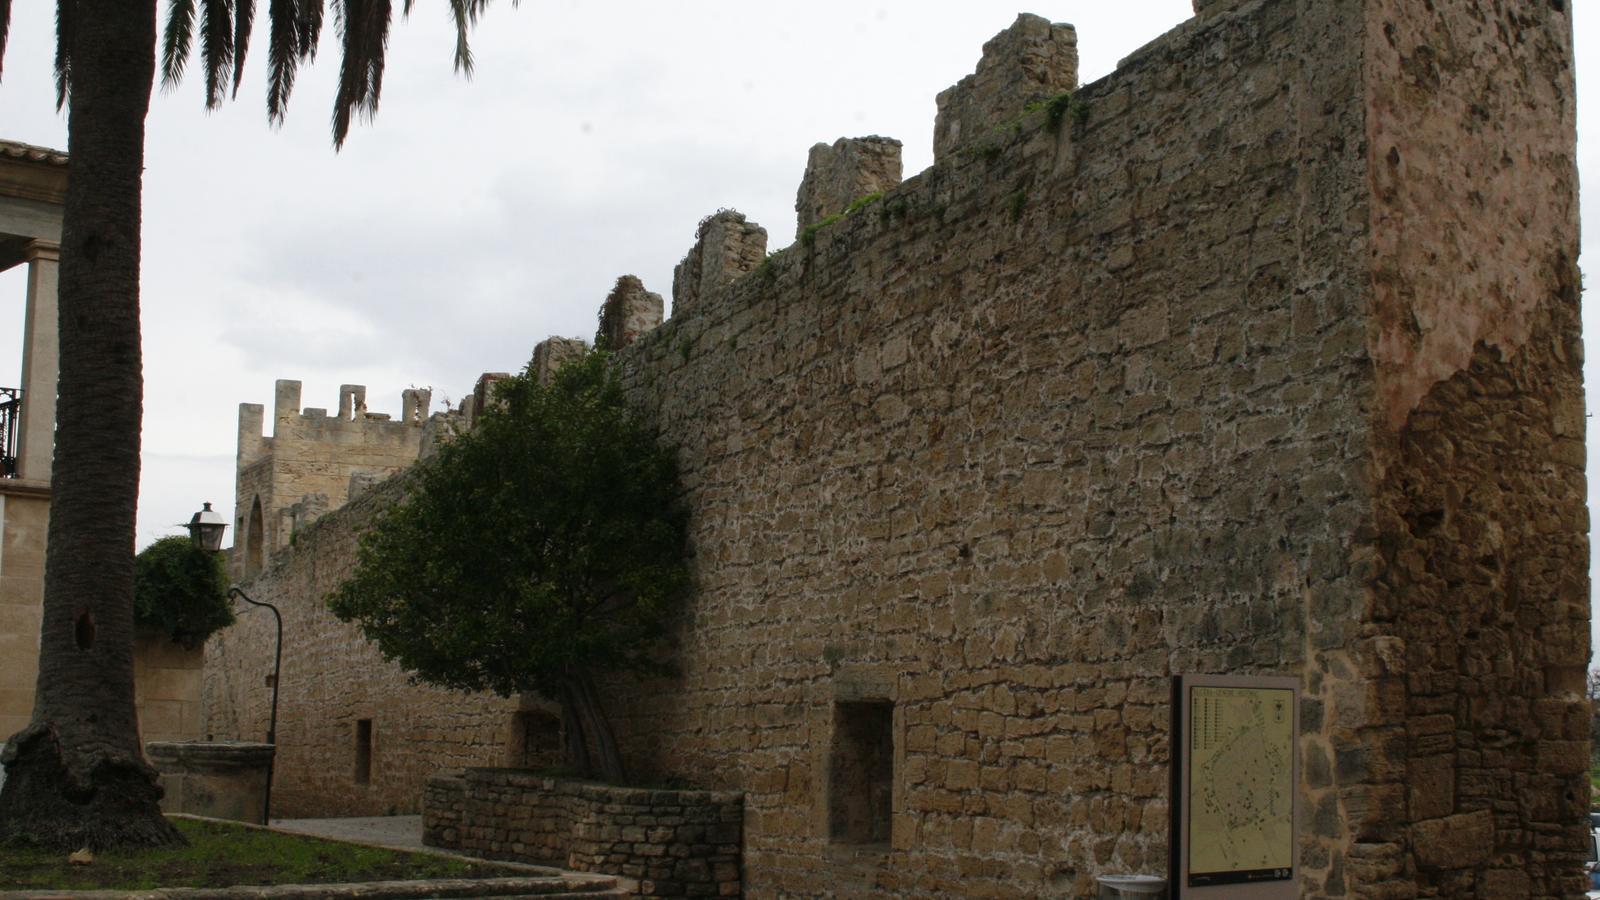 La guia didàctica analitza la configuració dels diferents trams de murades.